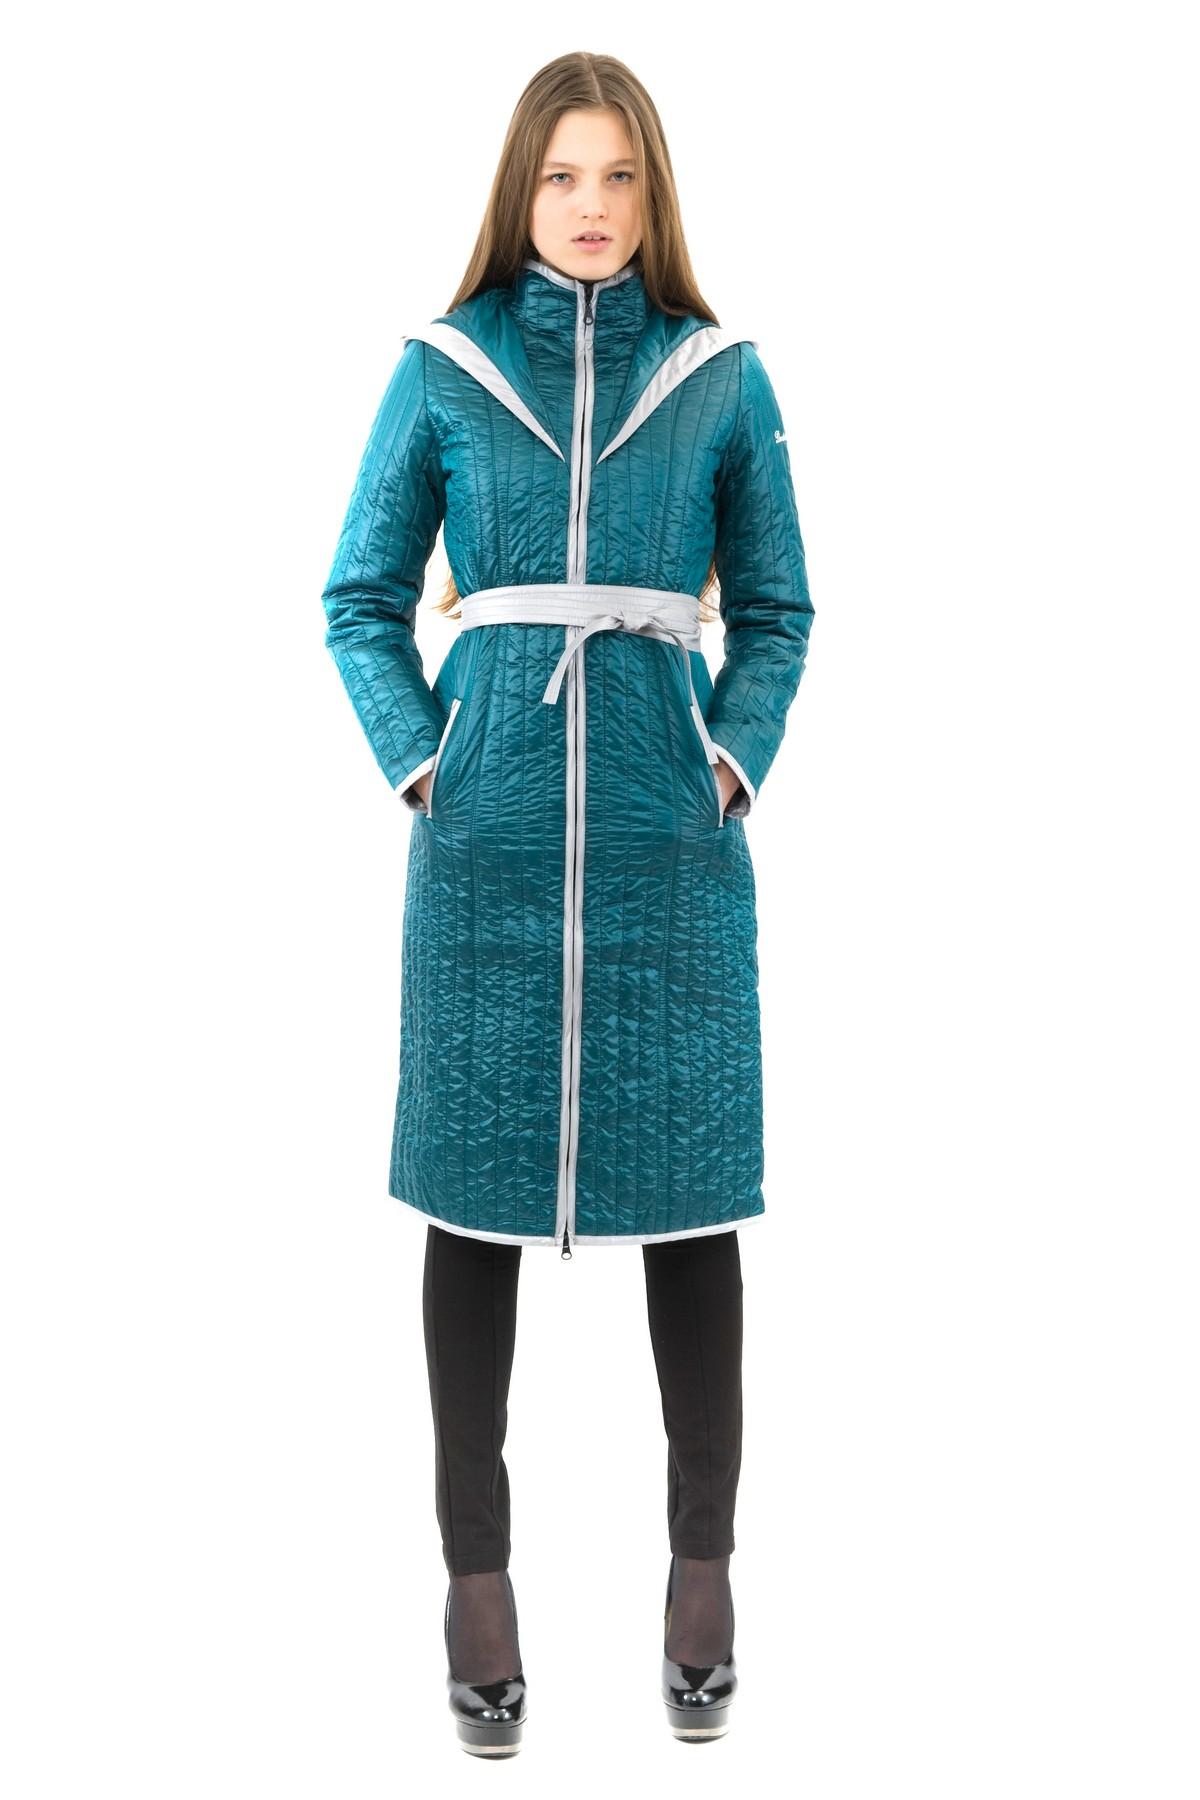 ПальтоЖенские куртки, плащи, пальто<br>В холодный осенний день очень важно ощущение тепла и комфорта. Это тепло может подарить Вам это очаровательное полупальто. модель приталенного покроя прекрасно сидит по фигуре. Оригинальность пальто заключается в комбинированном дизайне.<br><br>Цвет: изумрудный,серый<br>Состав: 100% полиэстер, подкладка - 100% полиэстер, утеплитель - 100% полиэстер<br>Размер: 40,42,44,46,48,52,54,56<br>Страна дизайна: Россия<br>Страна производства: Россия